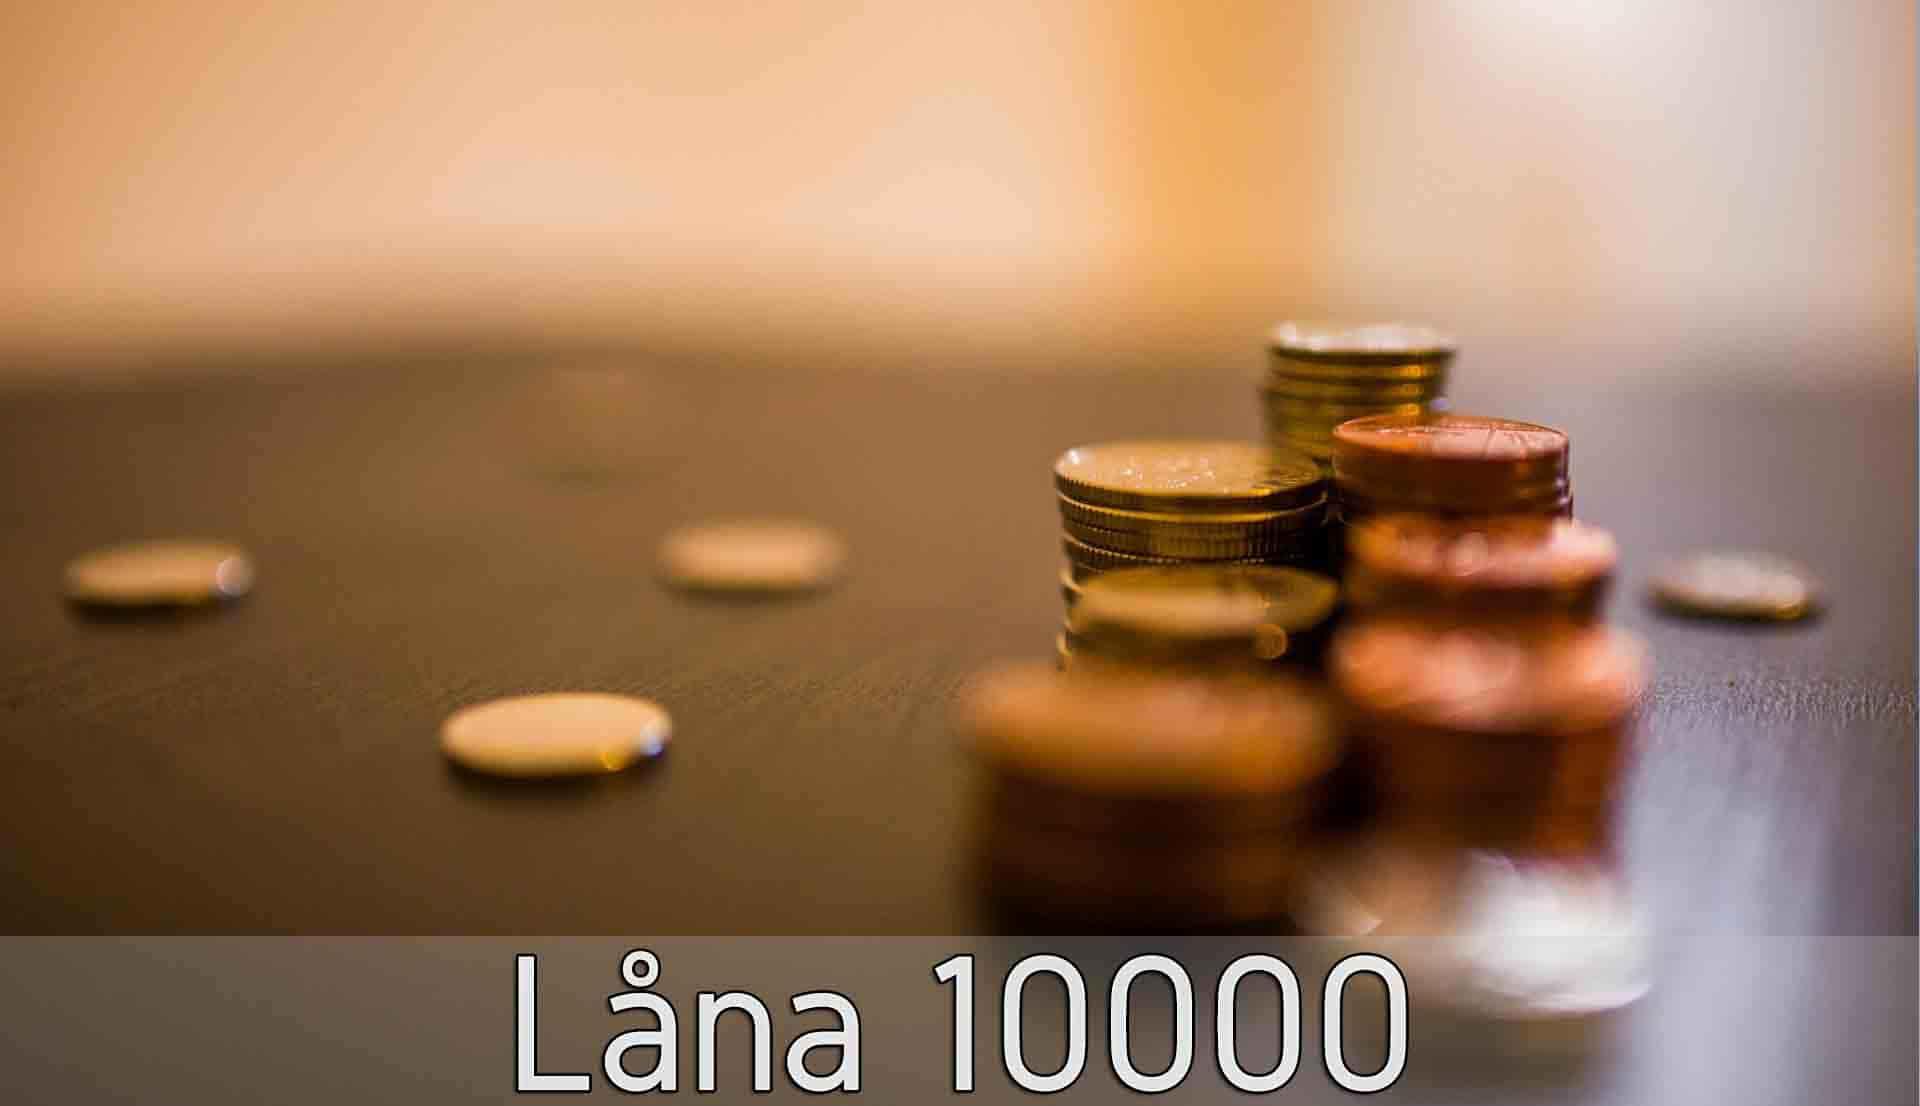 Låna 10000